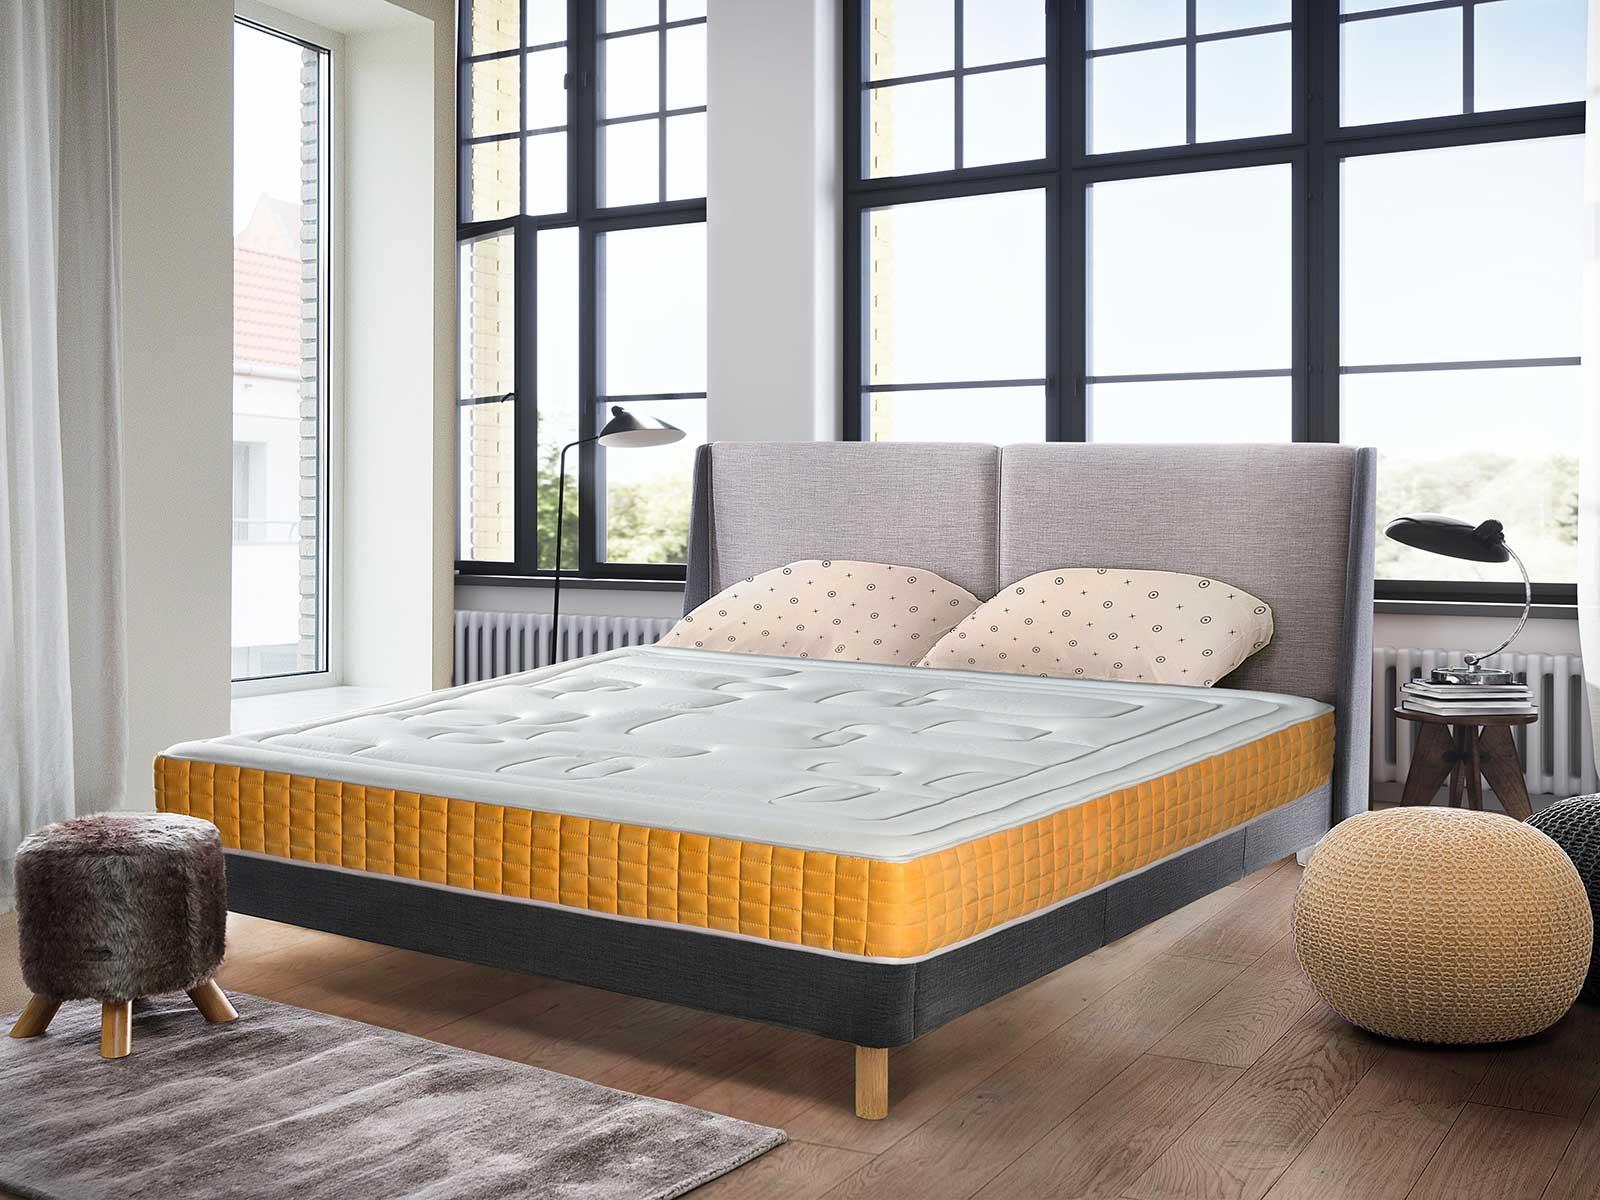 matelas en mousse haute densit blanc homemaison vente en ligne matelas. Black Bedroom Furniture Sets. Home Design Ideas